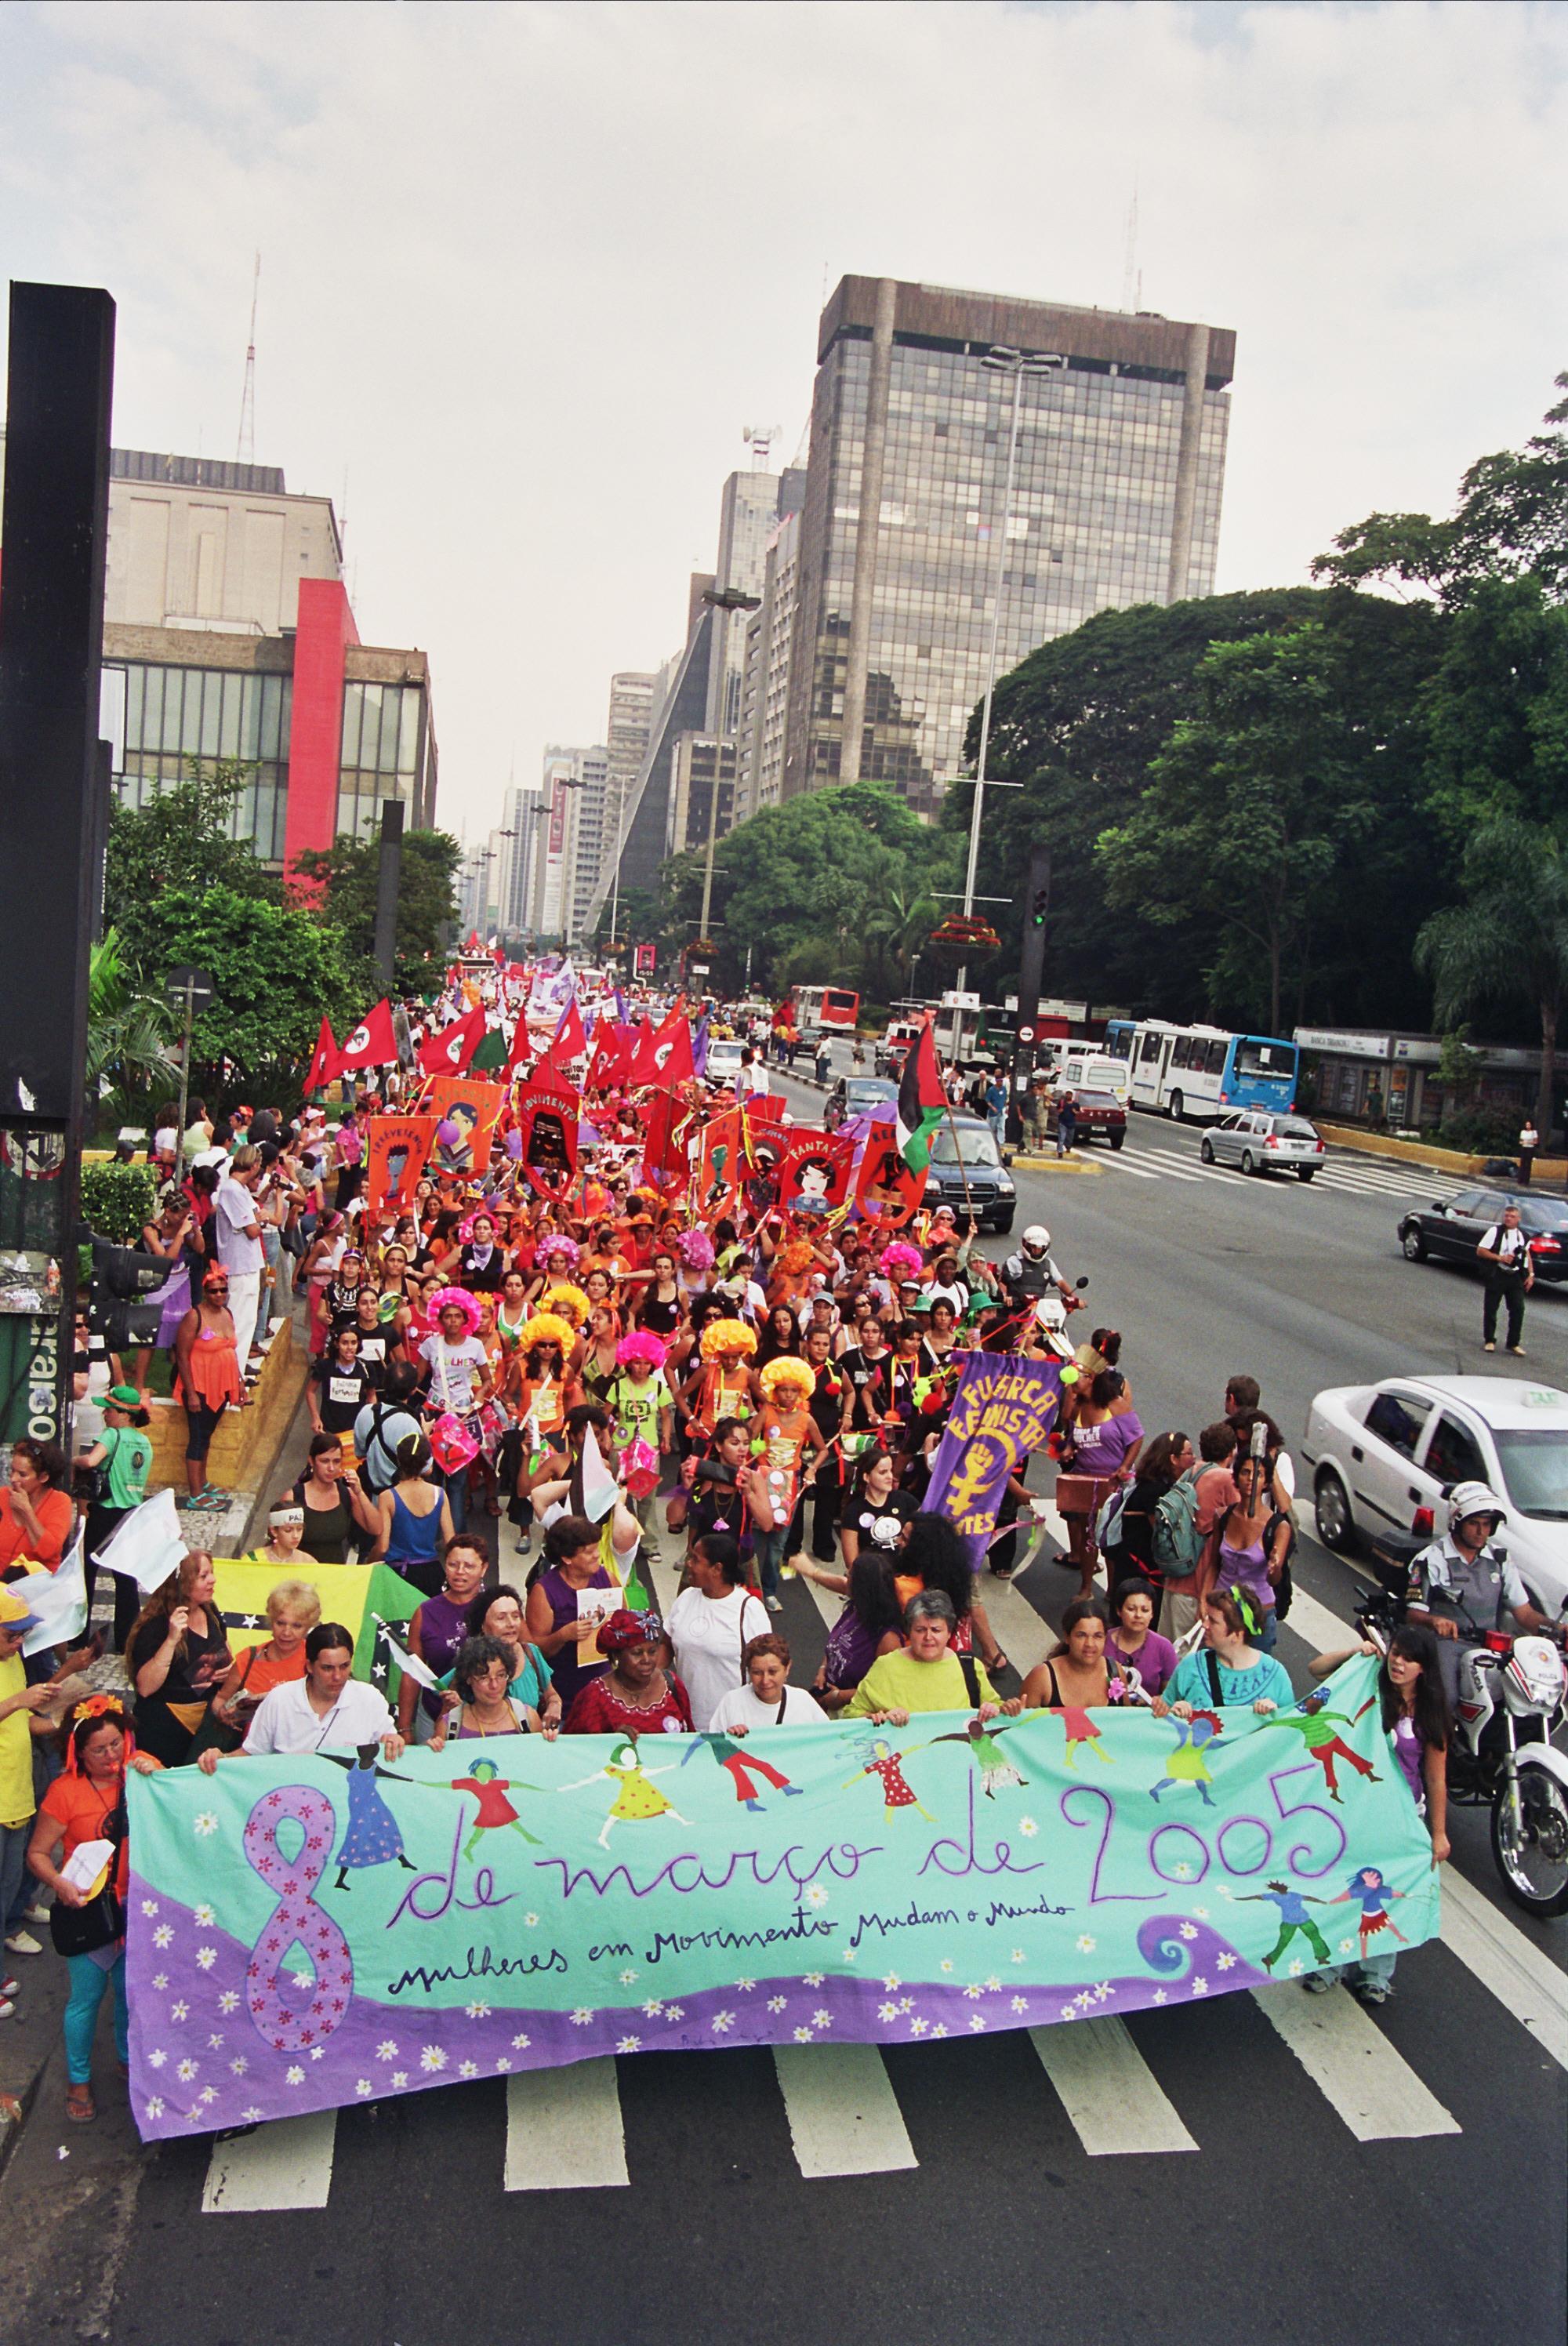 8 de março de 2005, em São Paulo.